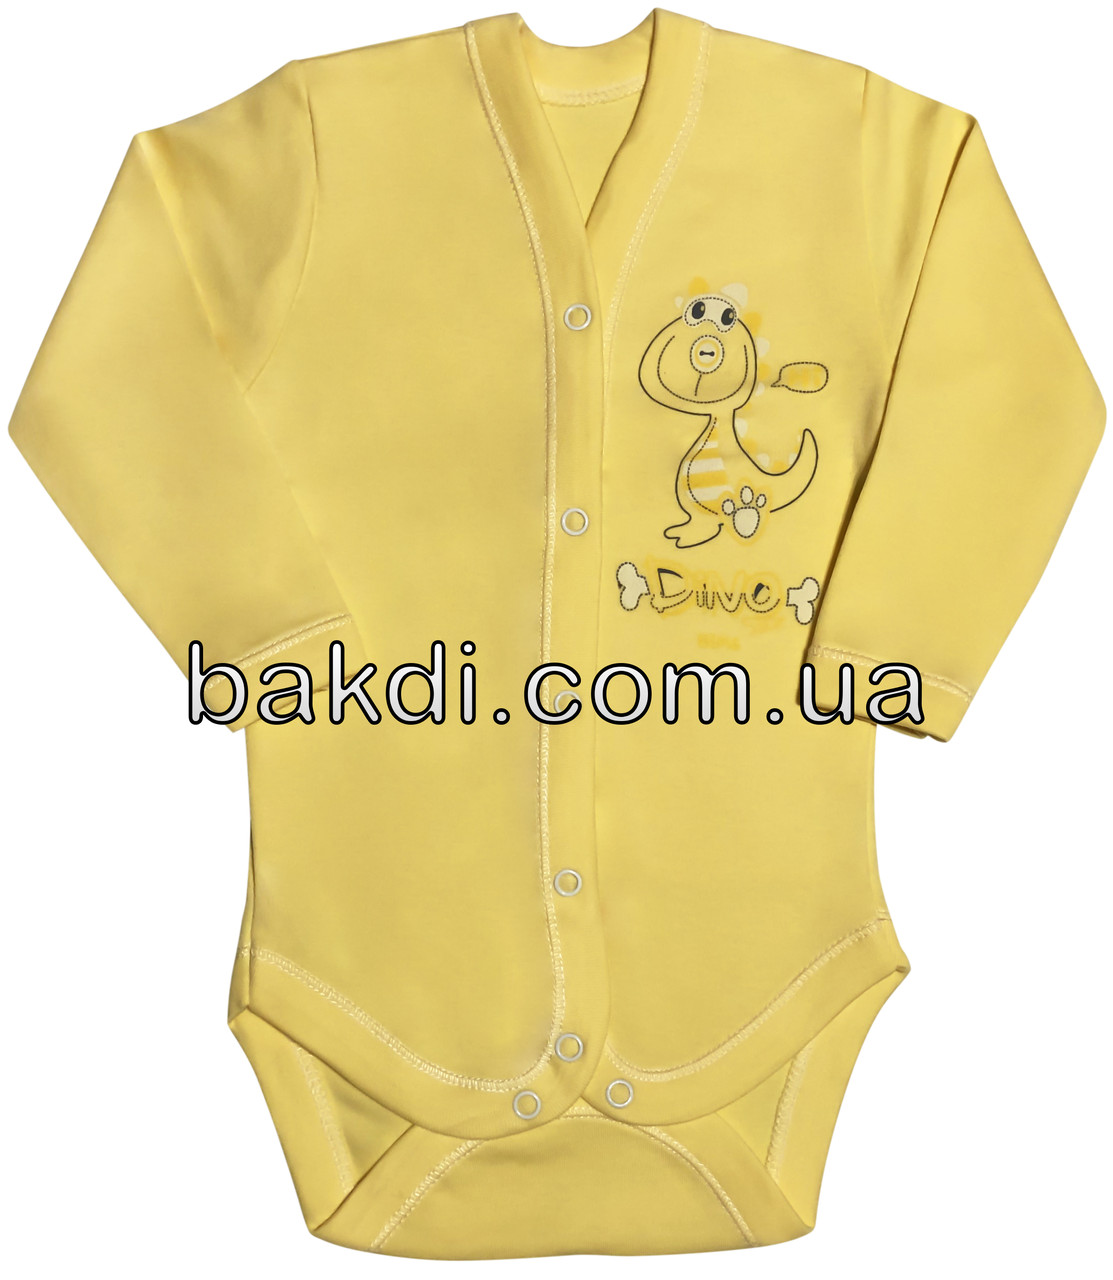 Детское боди рост 62 2-3 мес трикотажное интерлок жёлтое на мальчика девочку бодик с длинным рукавом для новорожденных малышей Ж334